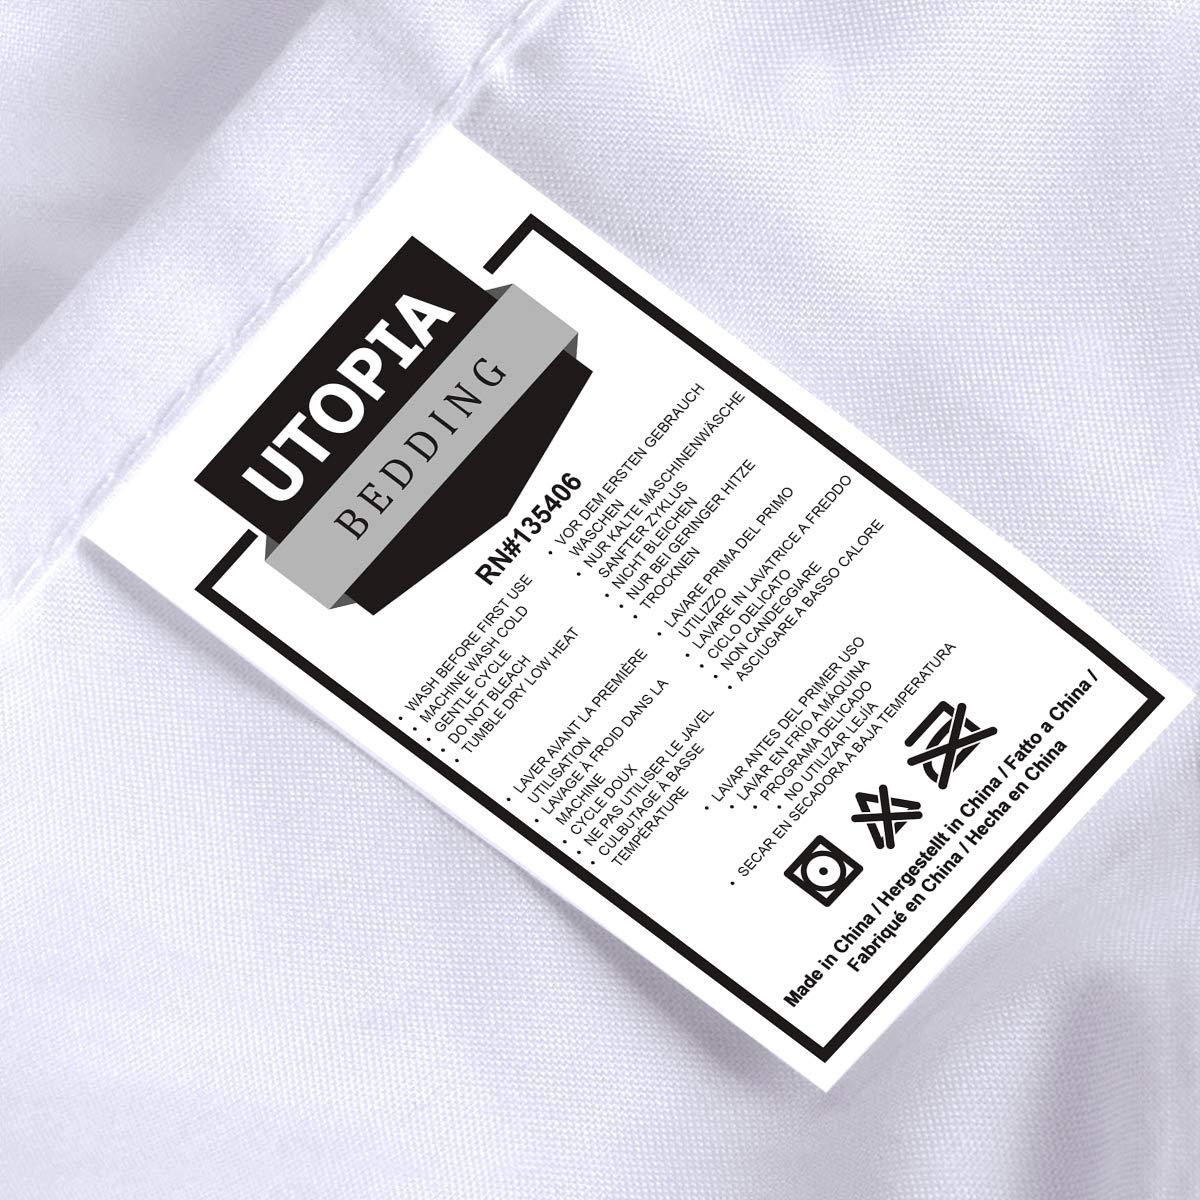 Utopia Bedding Juego de Funda de Edred/ón Cama 80-1 x Funda Edred/ón 135x200cm, 1 x Funda Almohada 50x75cm, Blanco Microfibra Funda de N/órdico y Funda de Almohada